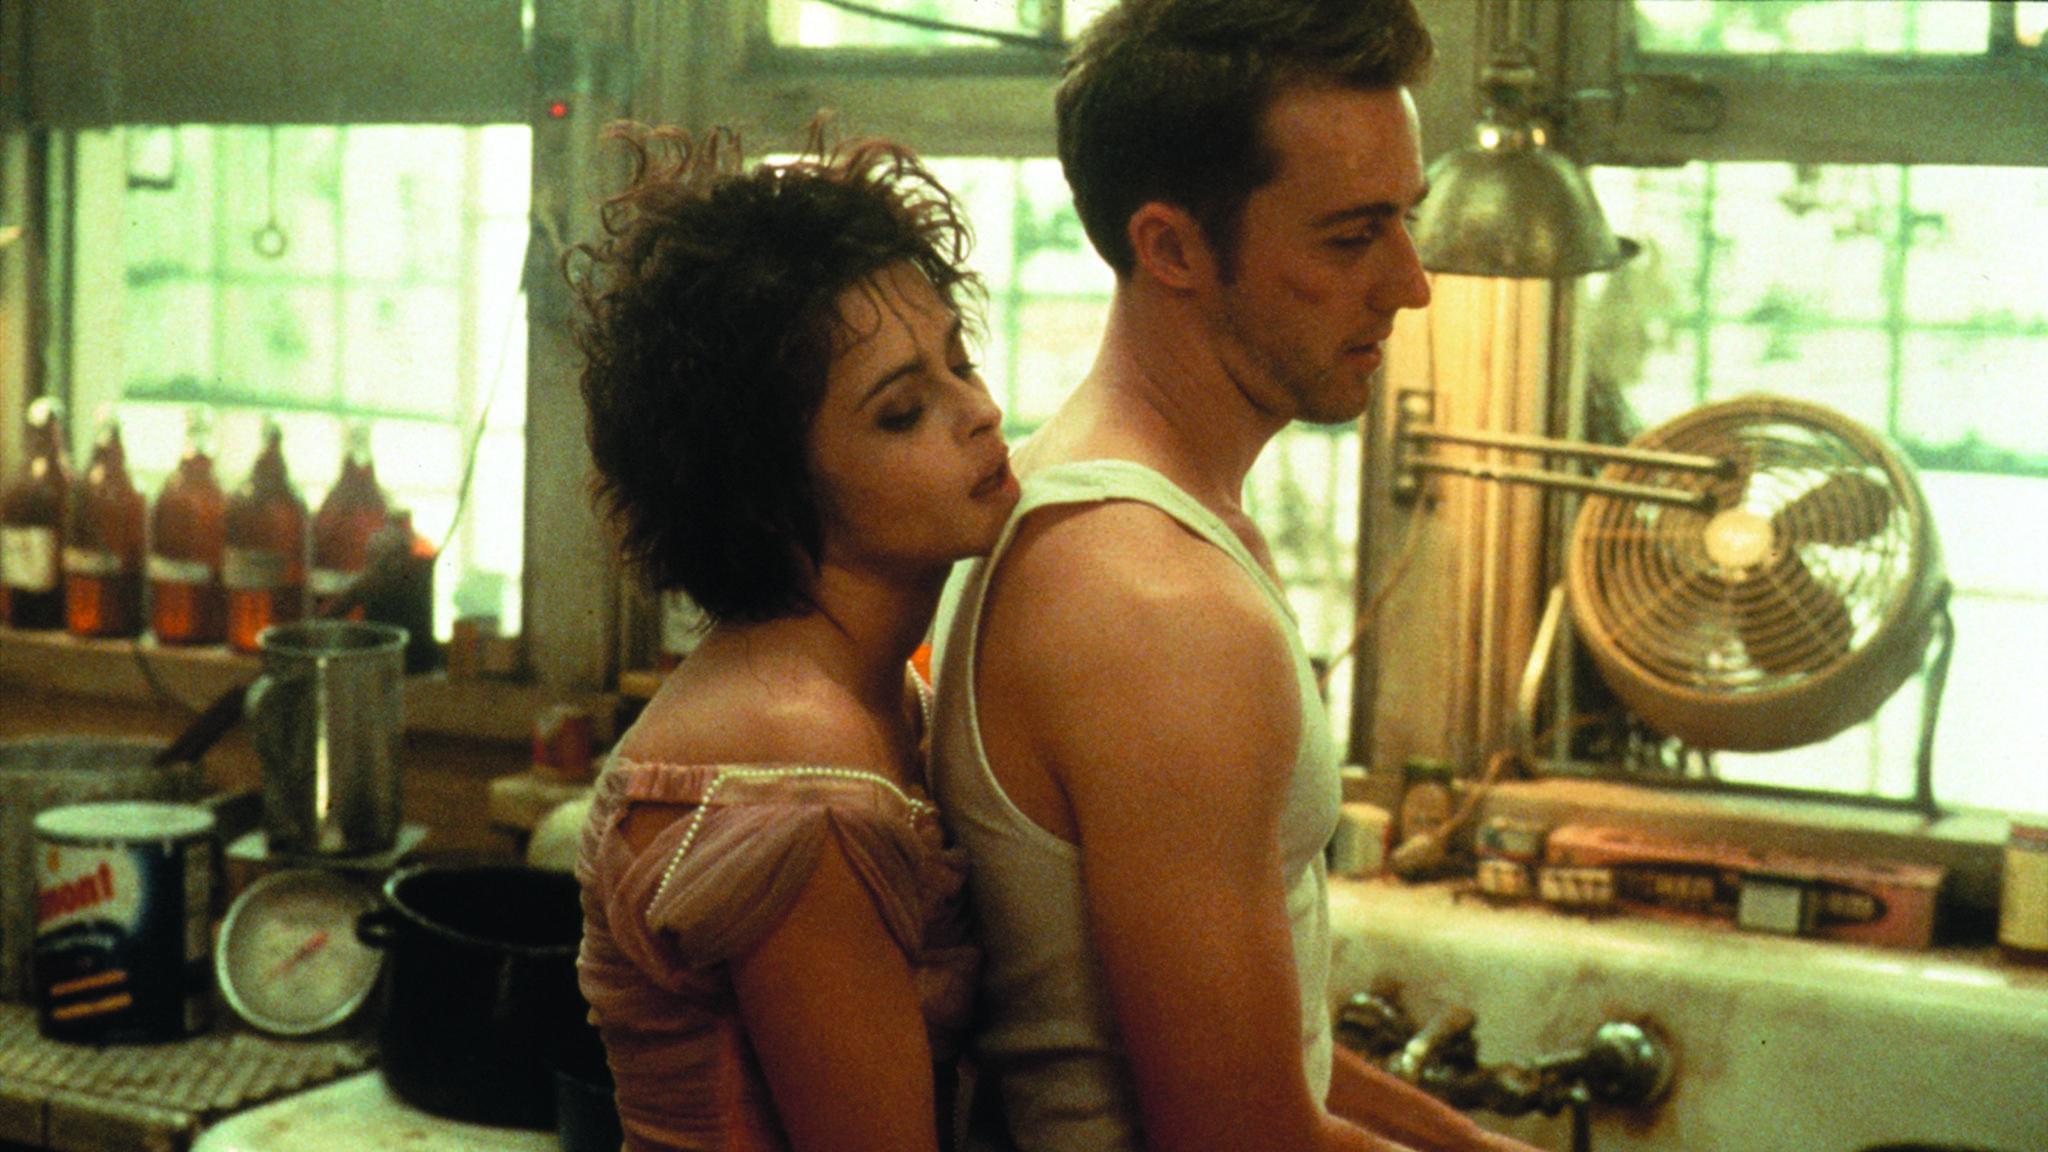 Jack und Marla führen (un-)romantische Gespräche vor dem Kühlschrank.